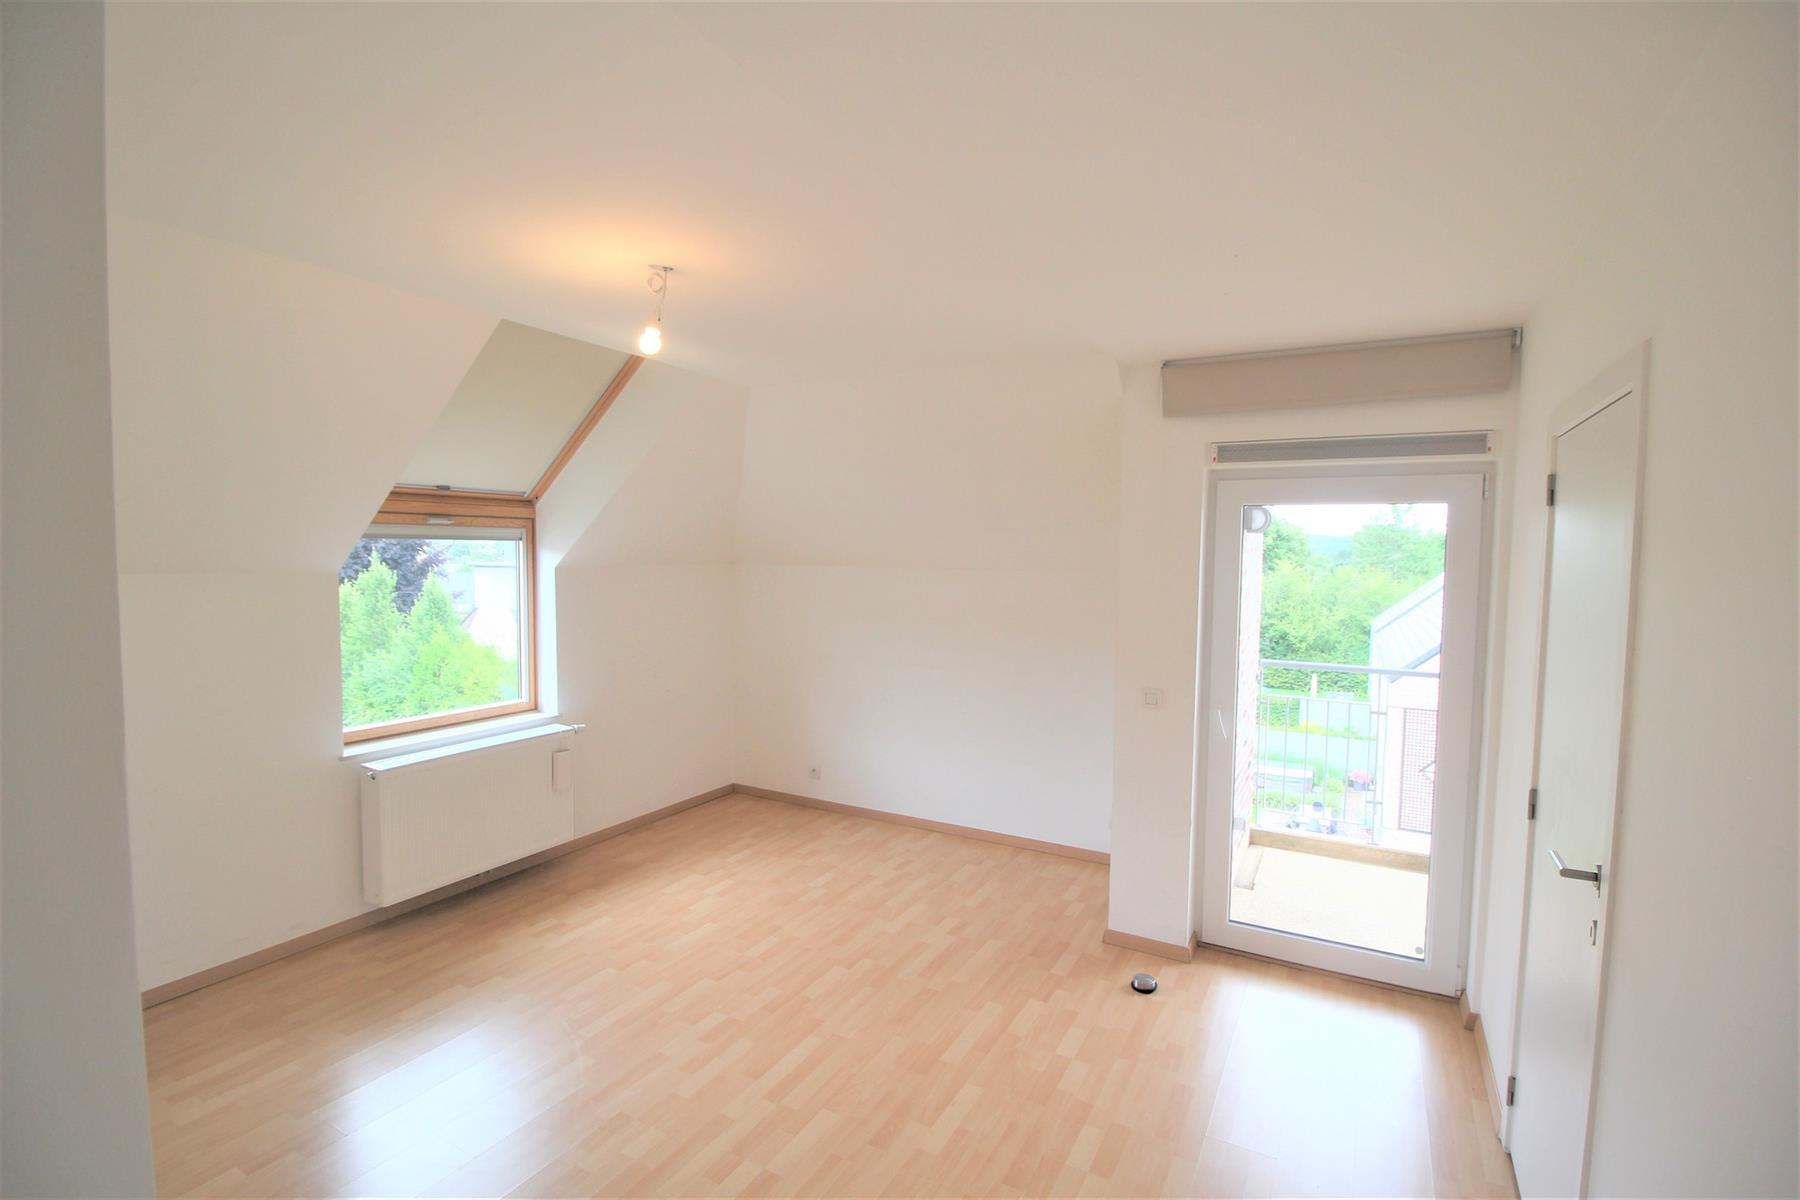 Appartement - Grez-Doiceau - #4163133-17